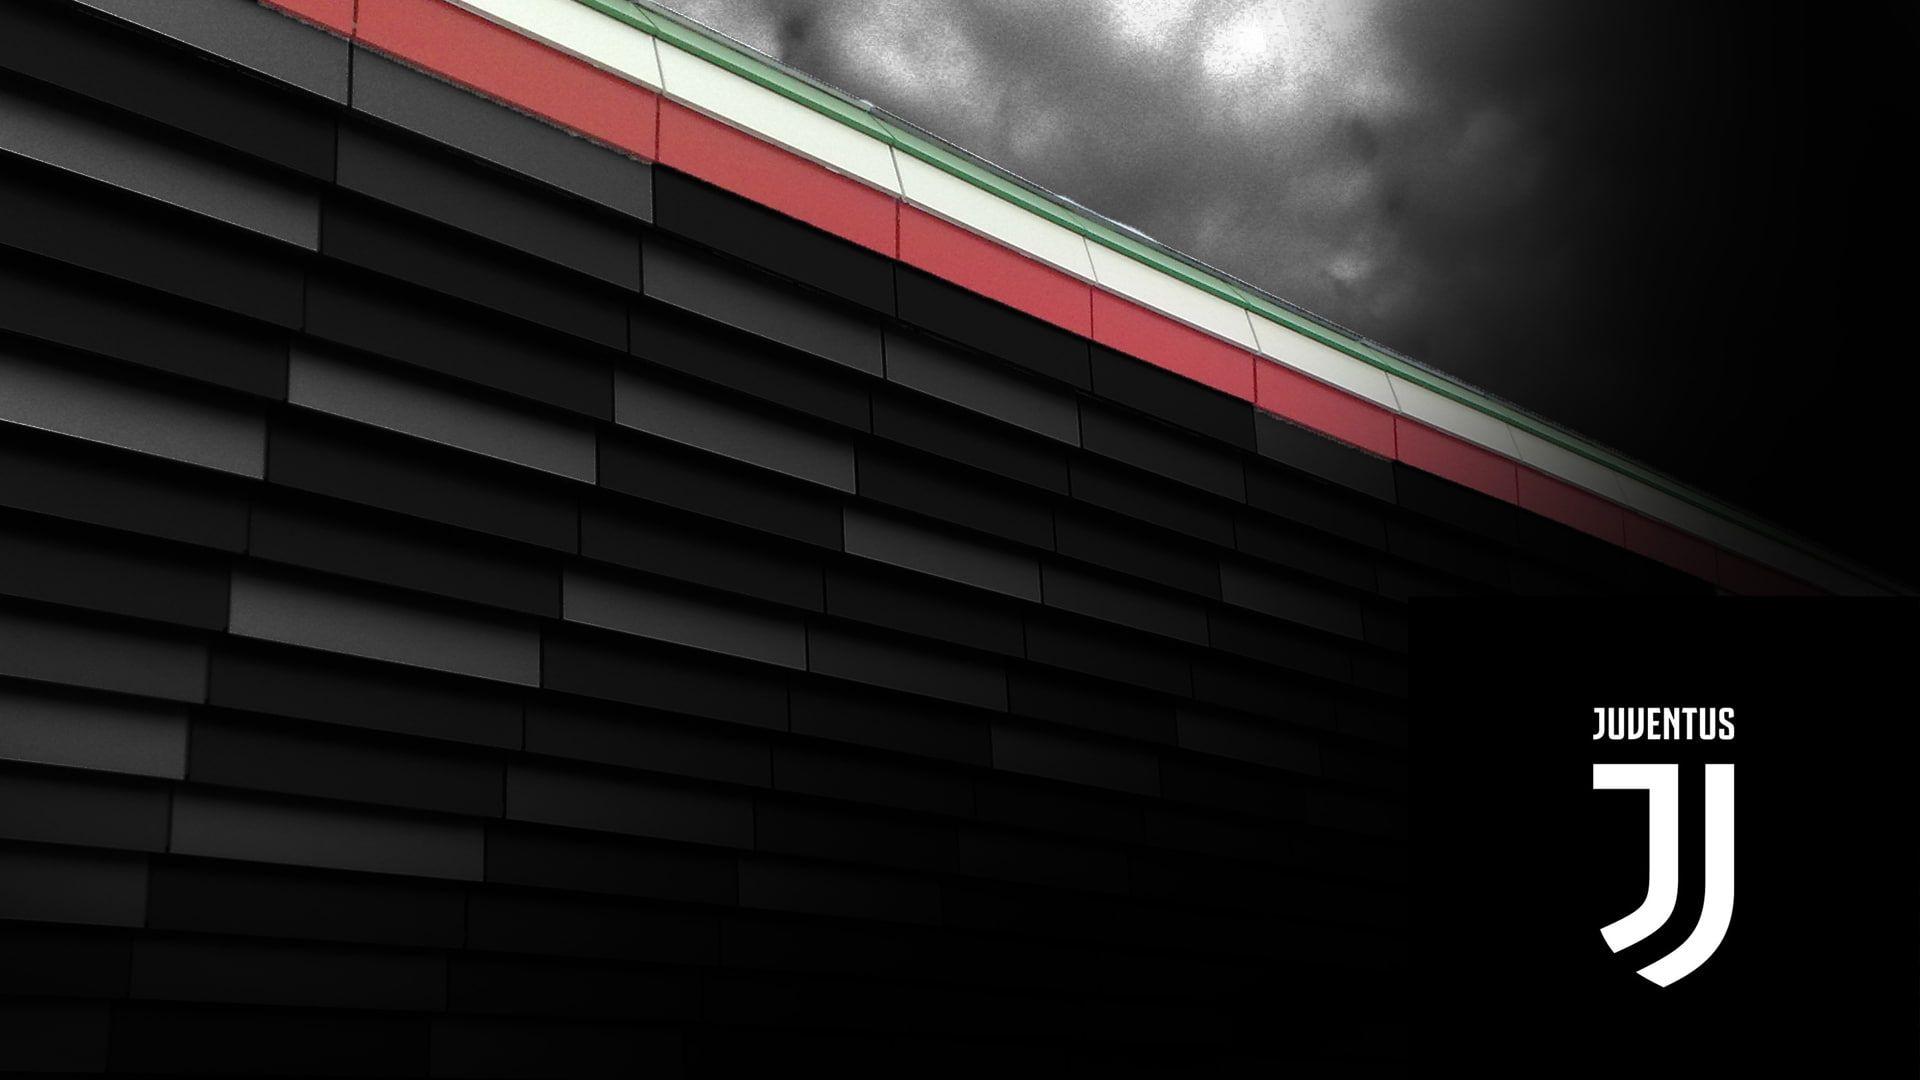 Juve Juventus 1080p Wallpaper Hdwallpaper Desktop Juventus Real Madrid Italia